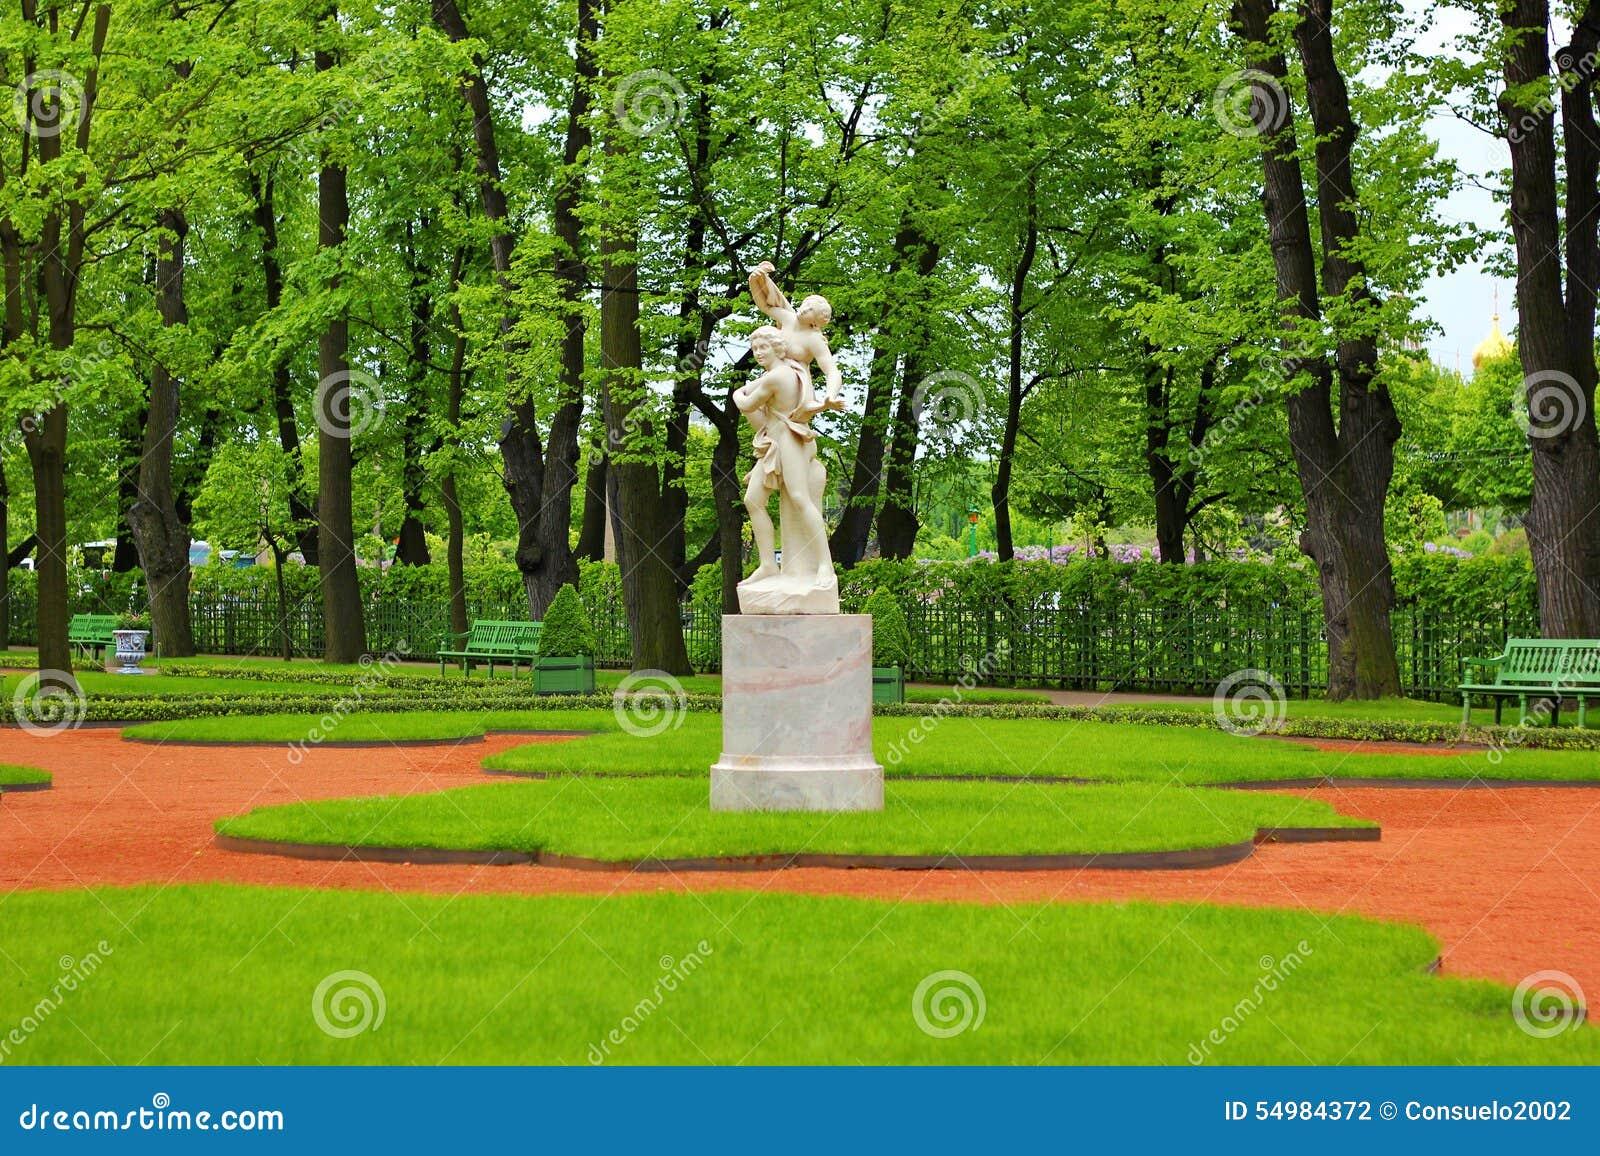 Statyn med sommarträdgården